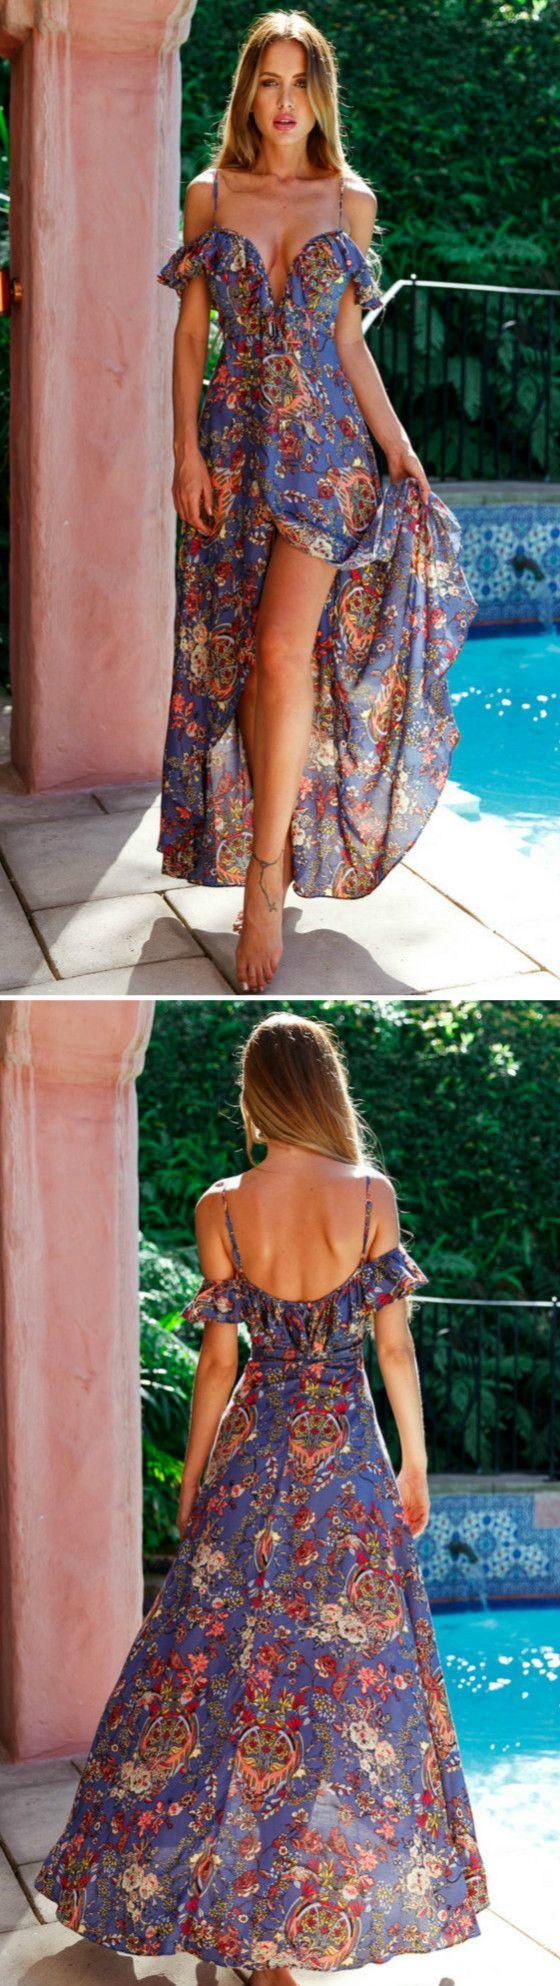 beautiful boho style!